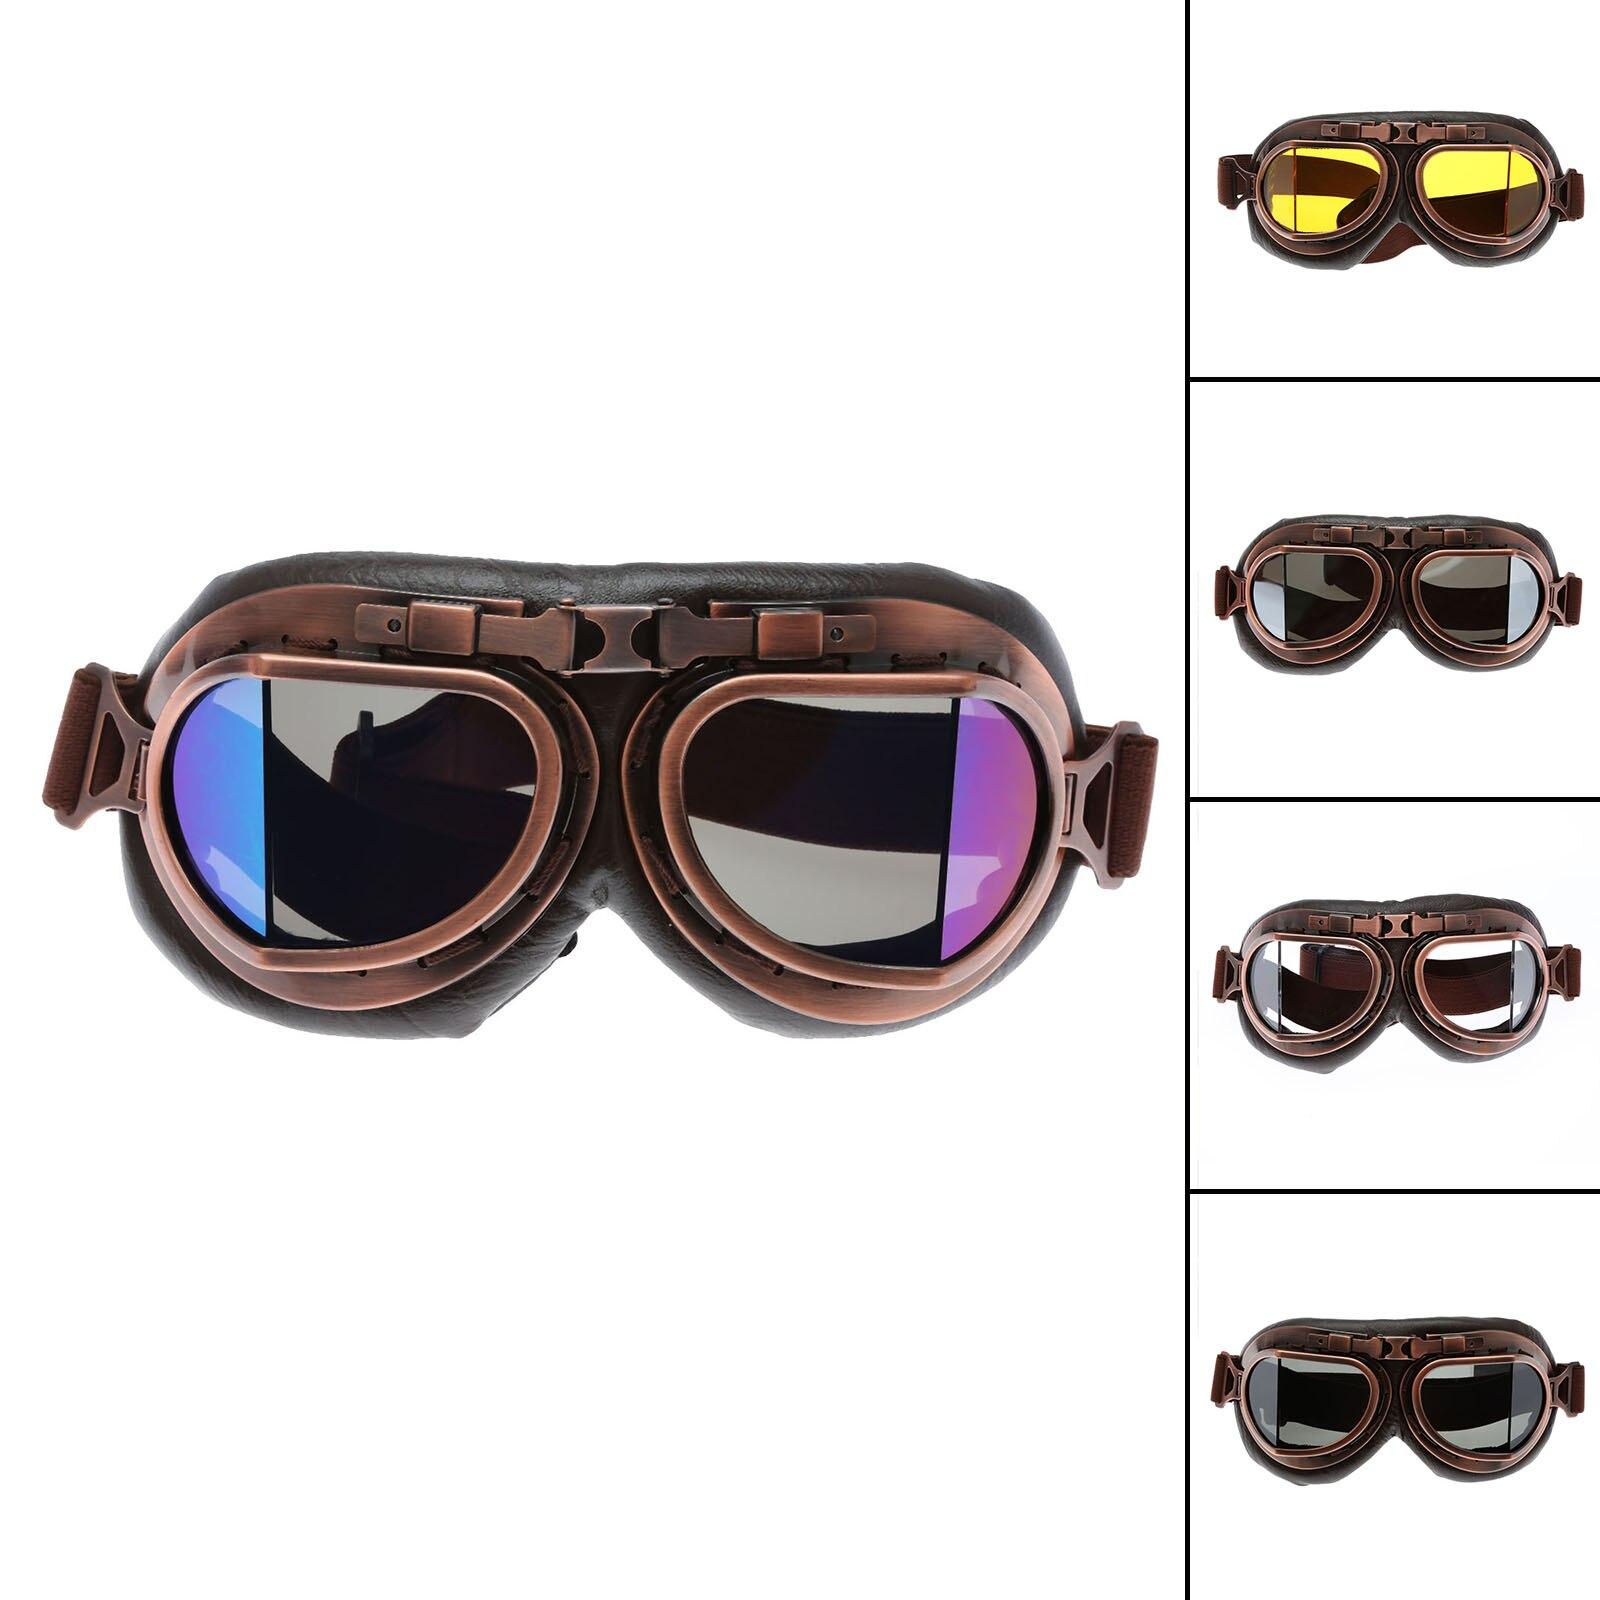 Óculos de Proteção da motocicleta Óculos de Motocross Do Vintage Clássico Óculos Retro Steampunk Aviator Pilot Cruiser ATV Bicicleta Proteção UV Cobre